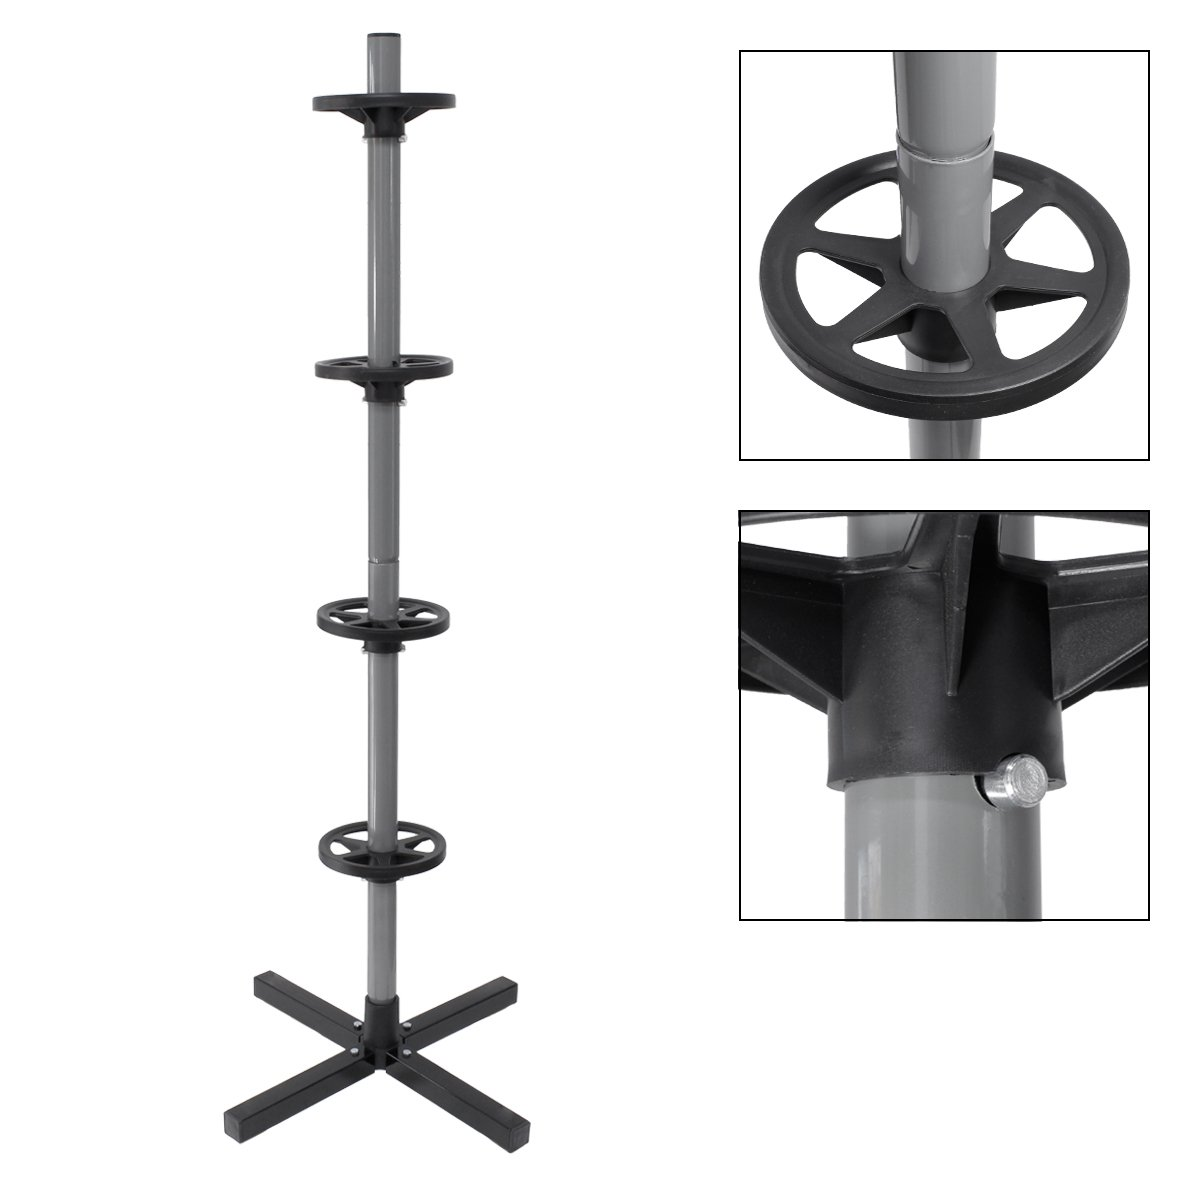 ECD-Germany Support de Jante pour Une Largeur jusqu/à 295 mm 45 x 45 x 143,5 cm Capacit/é de Charge maximale de 100 kg pour 4 pneus